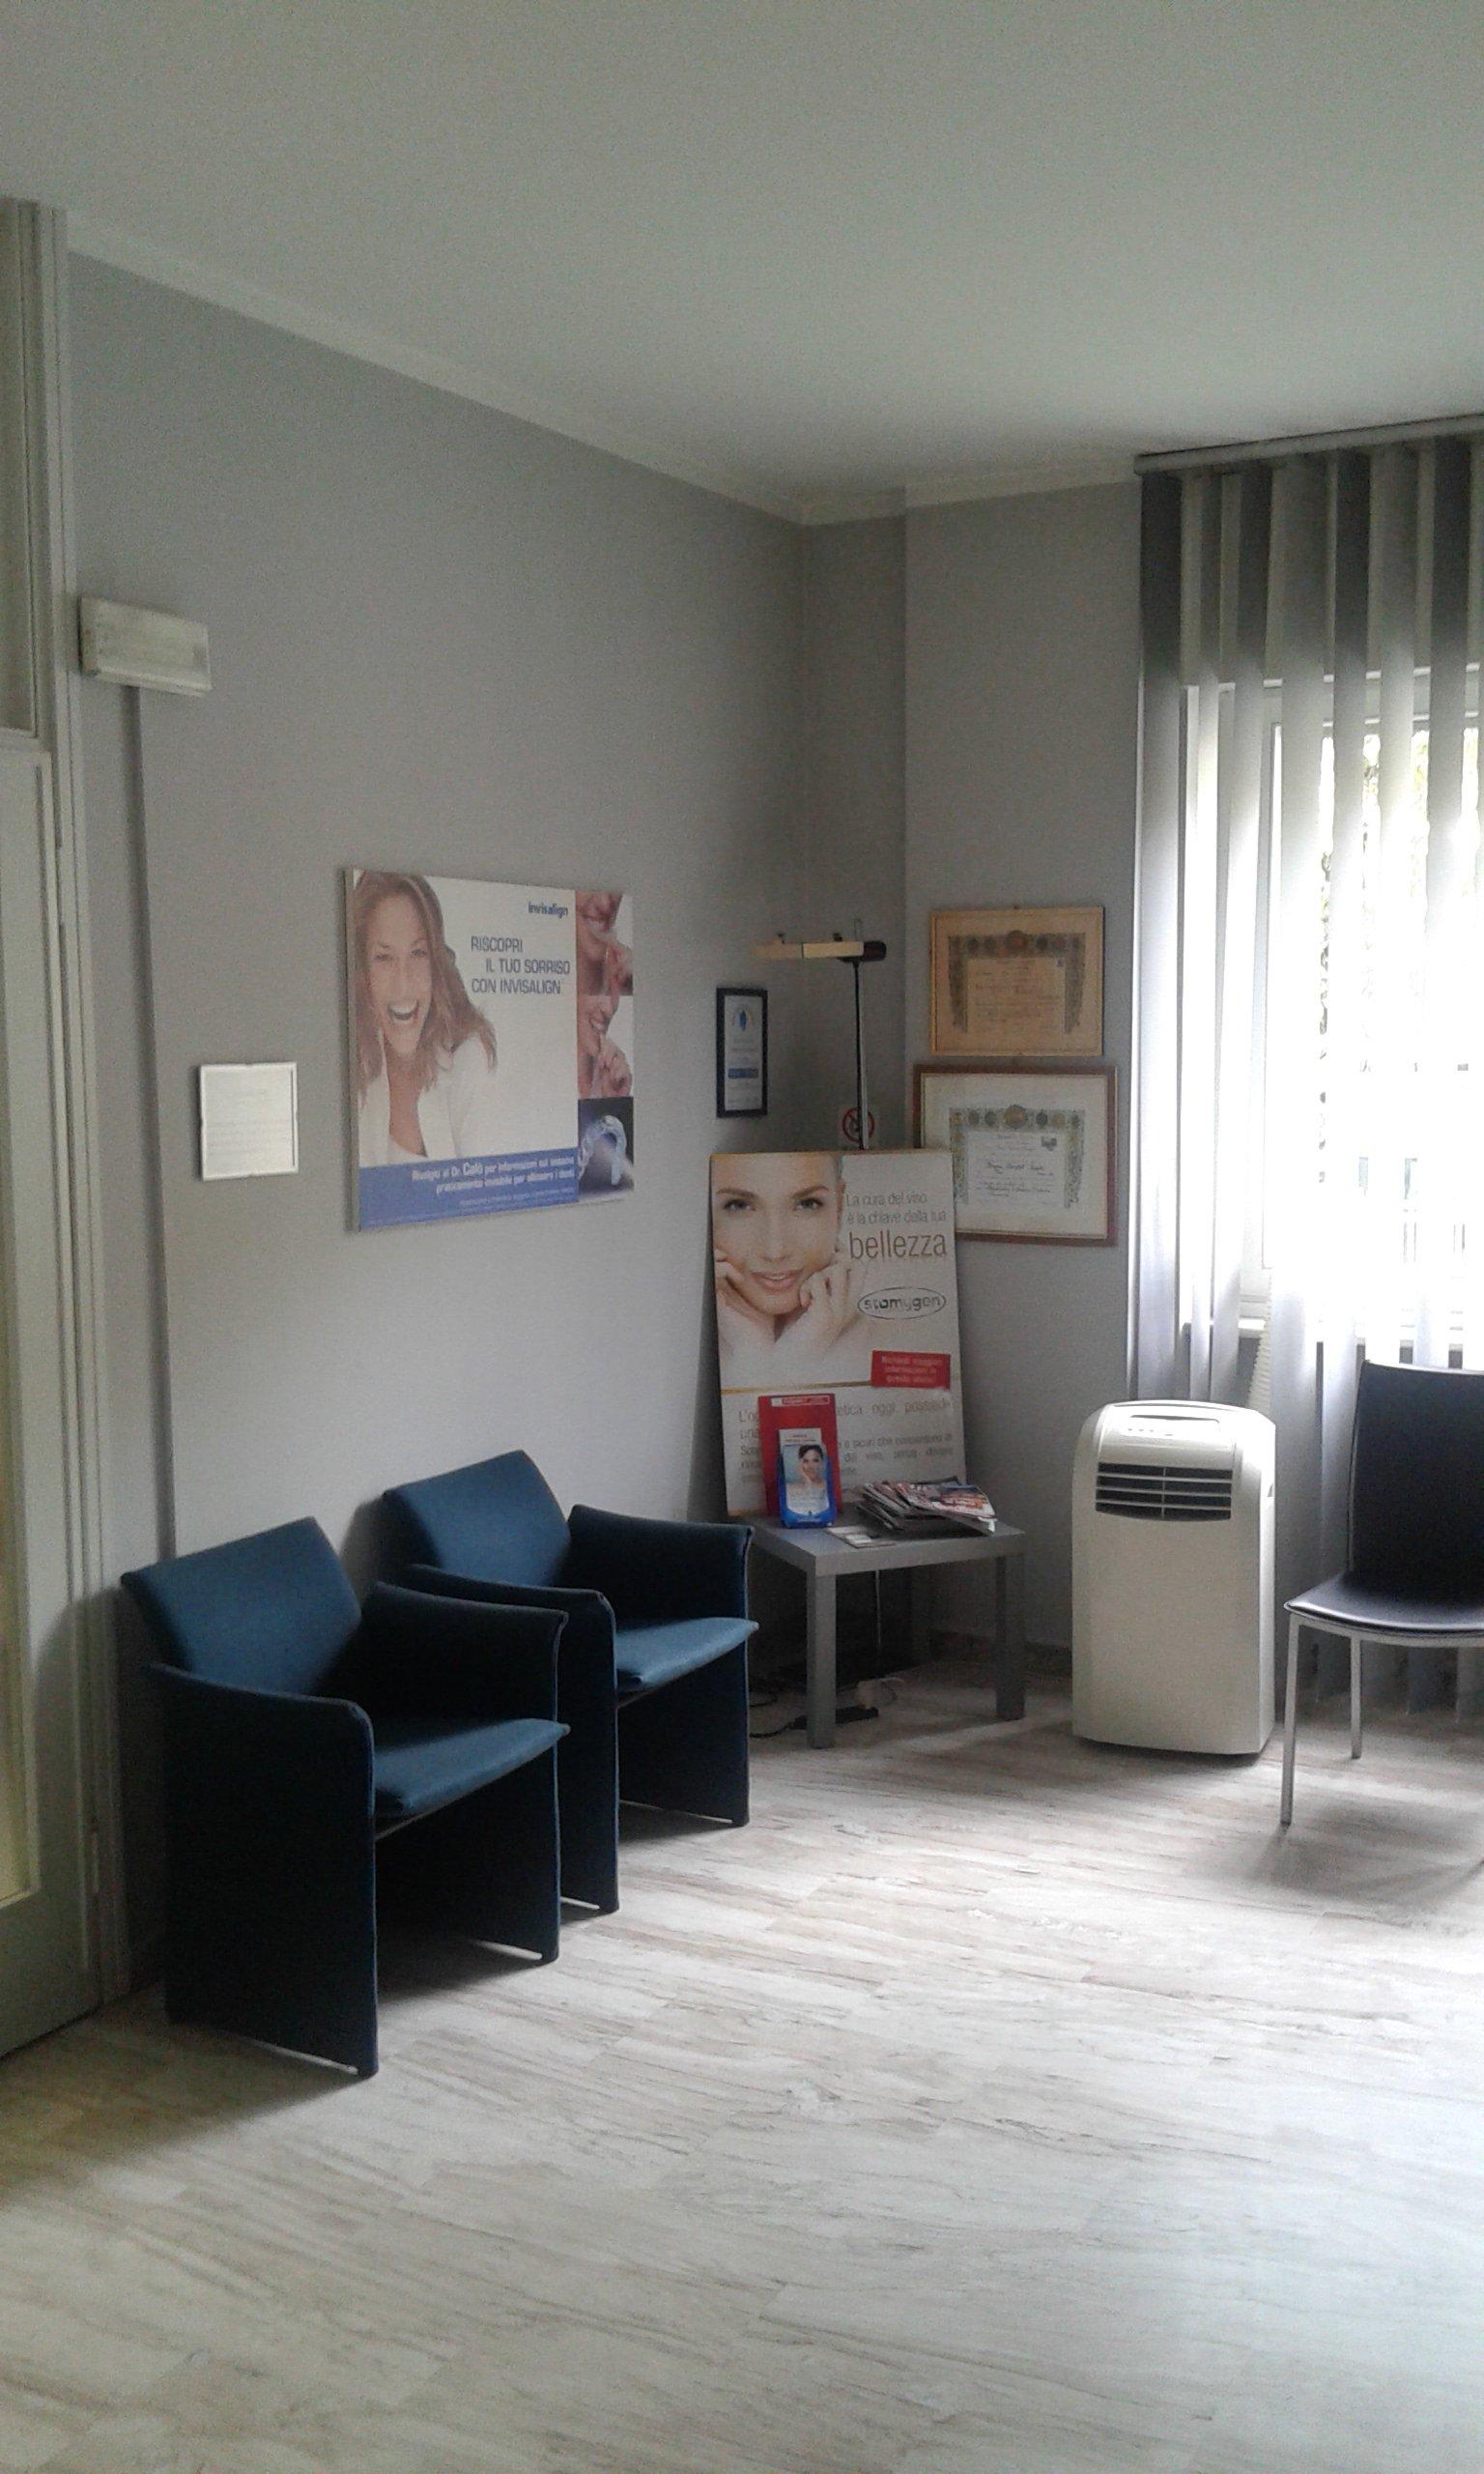 Sala d'attesa del dentista